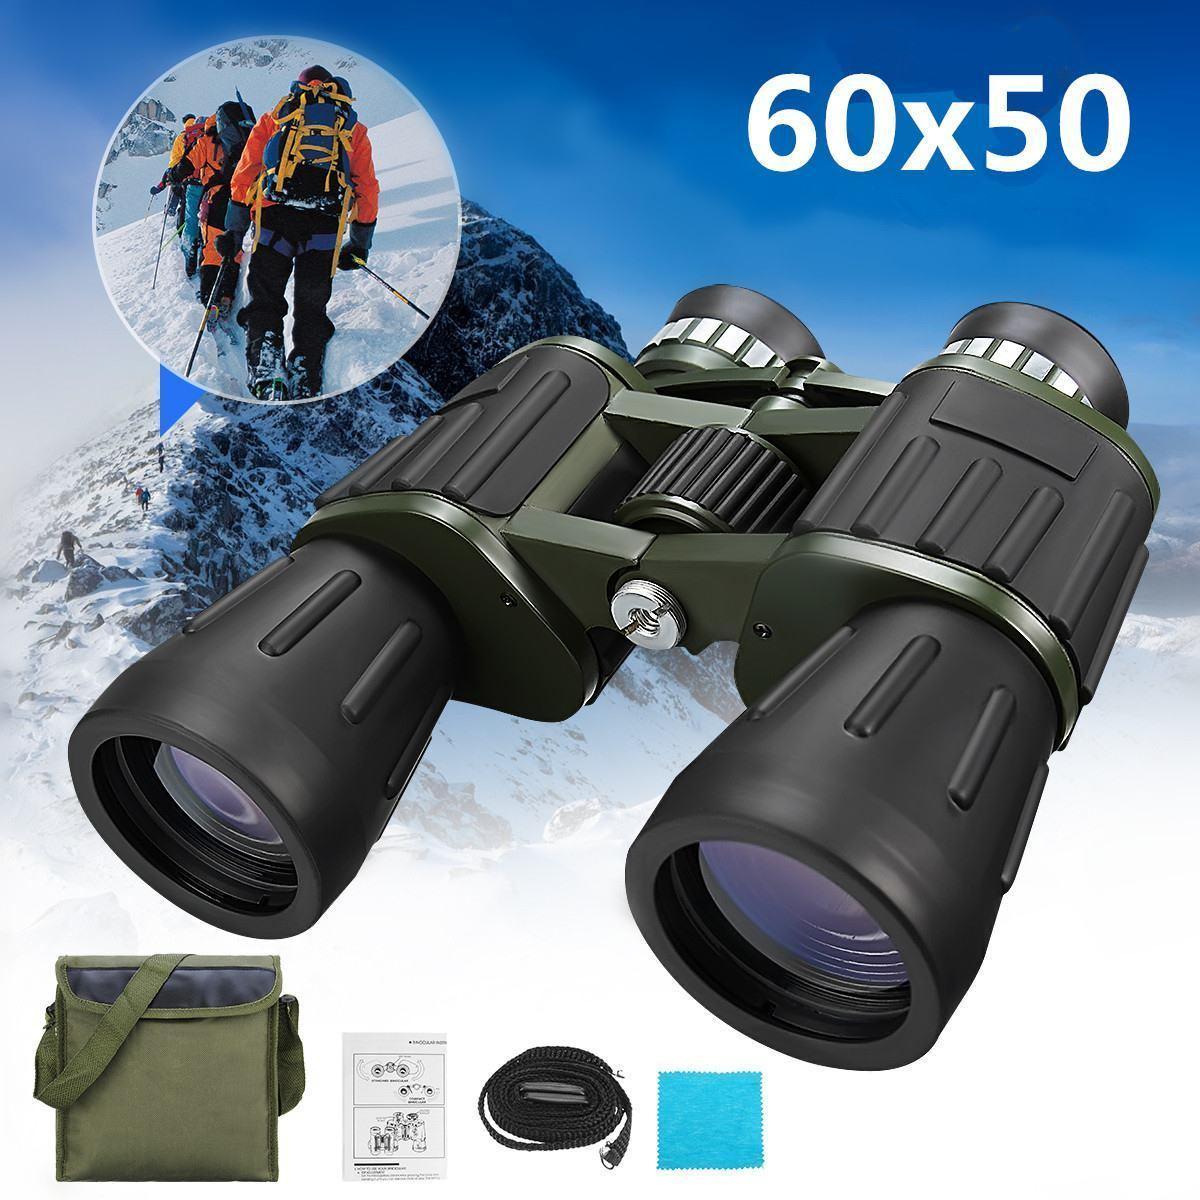 للرؤية الليلية مناظير التكتيكية العسكرية عالية الوضوح تلسكوب عالية الطاقة مناظير للصيد مع حقيبة التخزين LJ201120